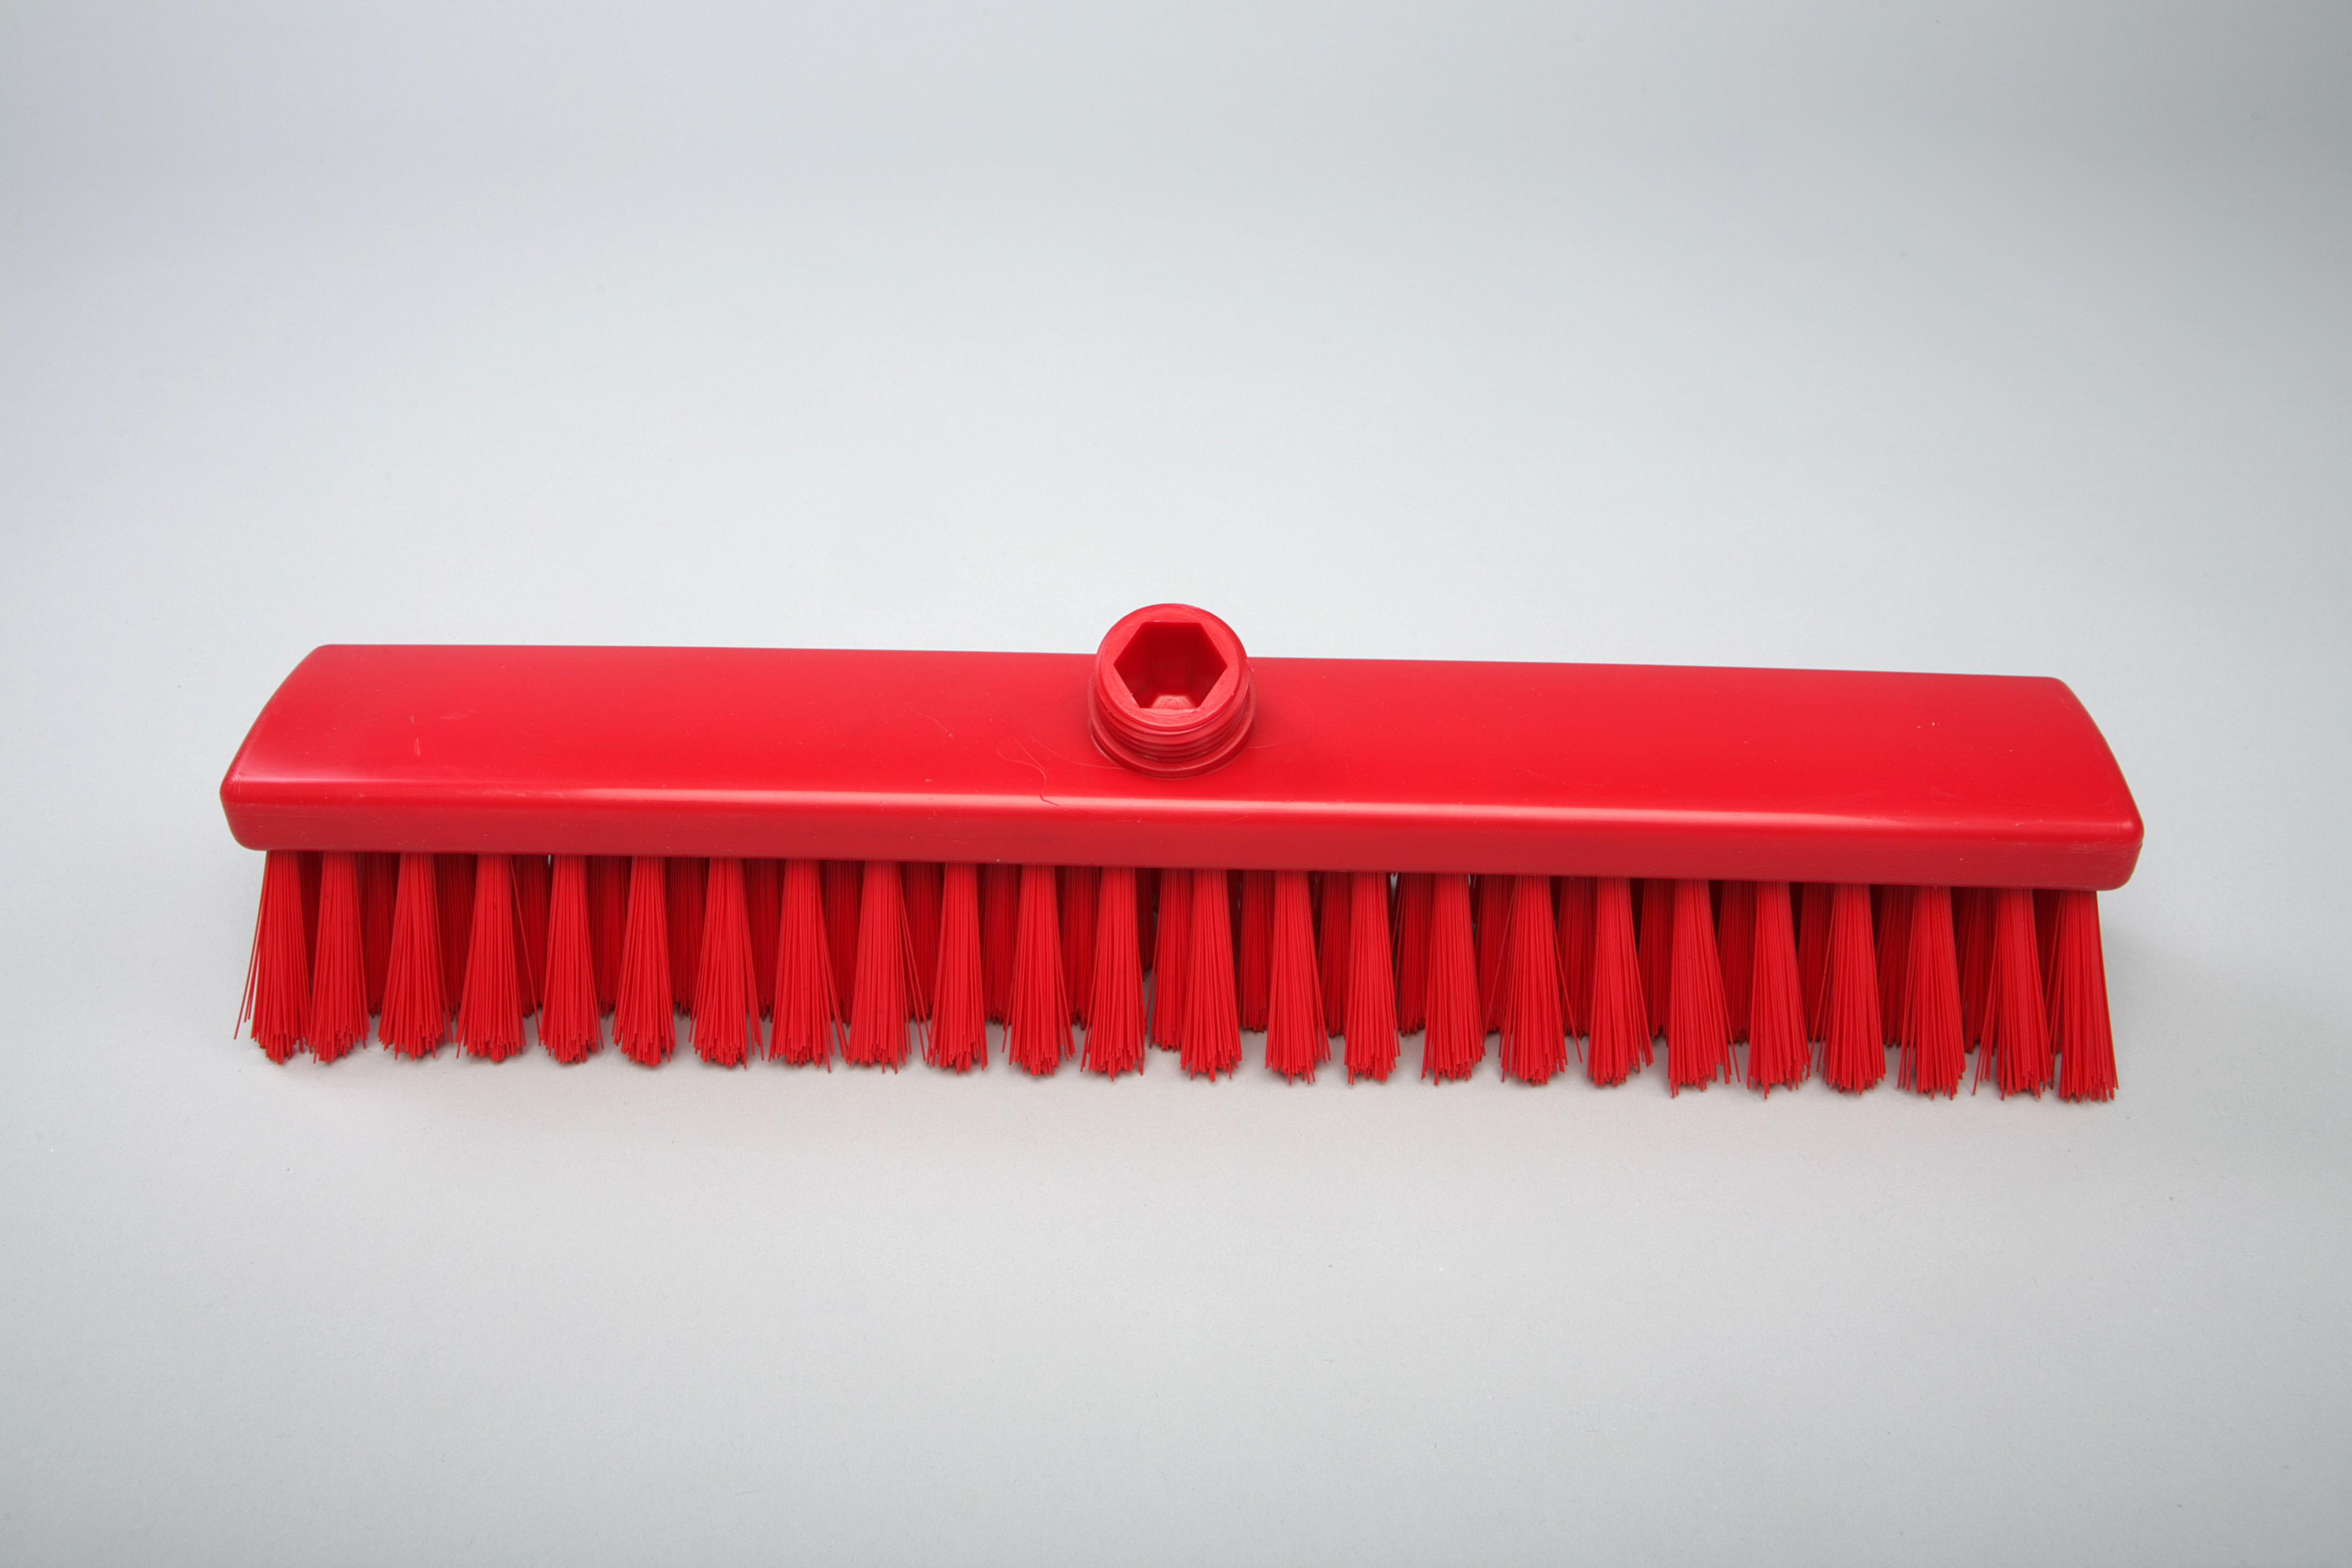 Unimop pühkimishari 400 x 60 x 55 mm, keskmine, punane, kastis 6 tk